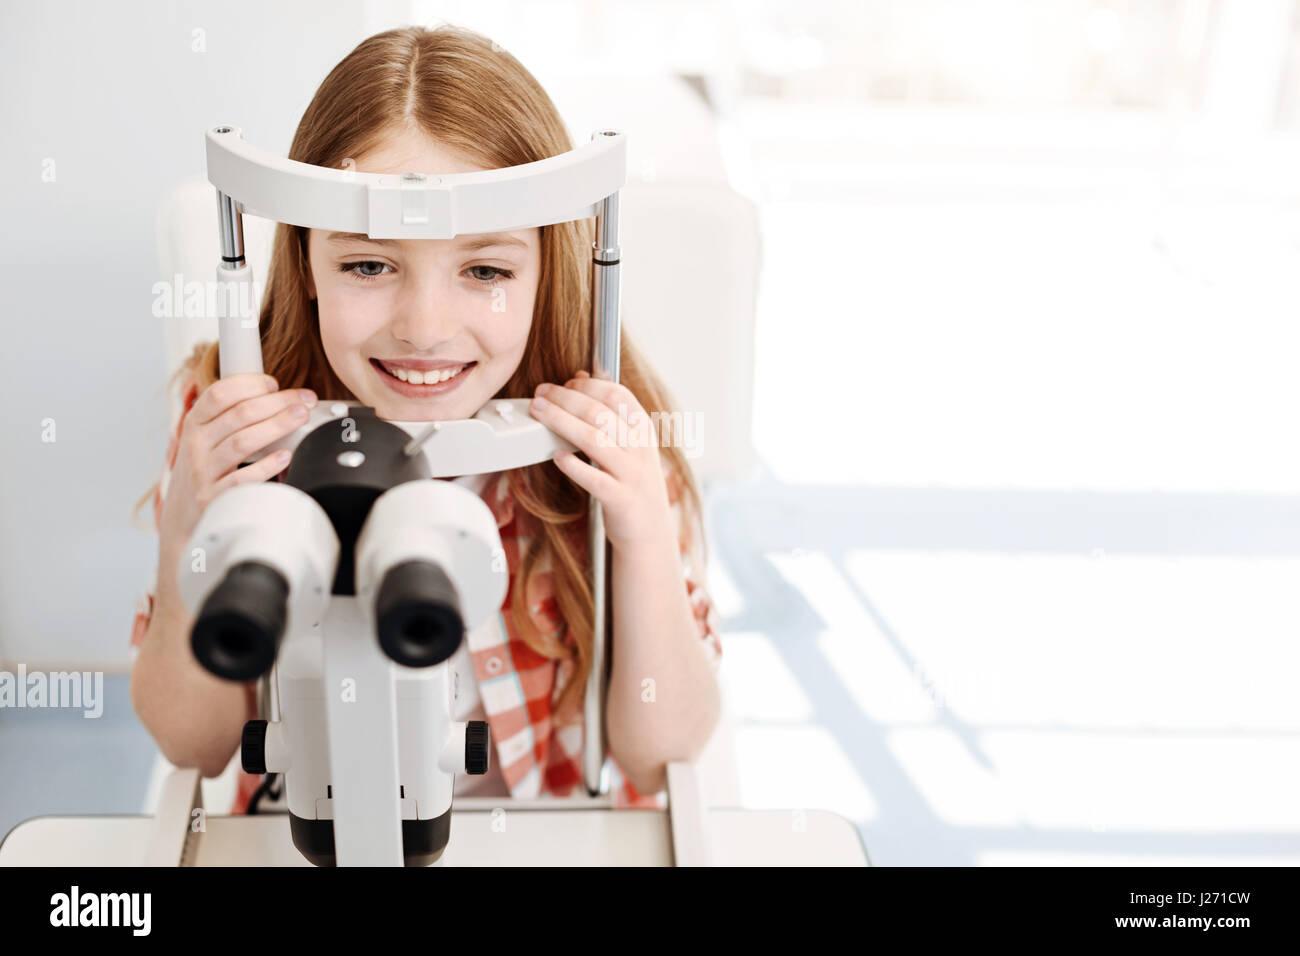 Bewundernswerte hübsches Kind eine allgemeine Sehkraft checkup Stockbild